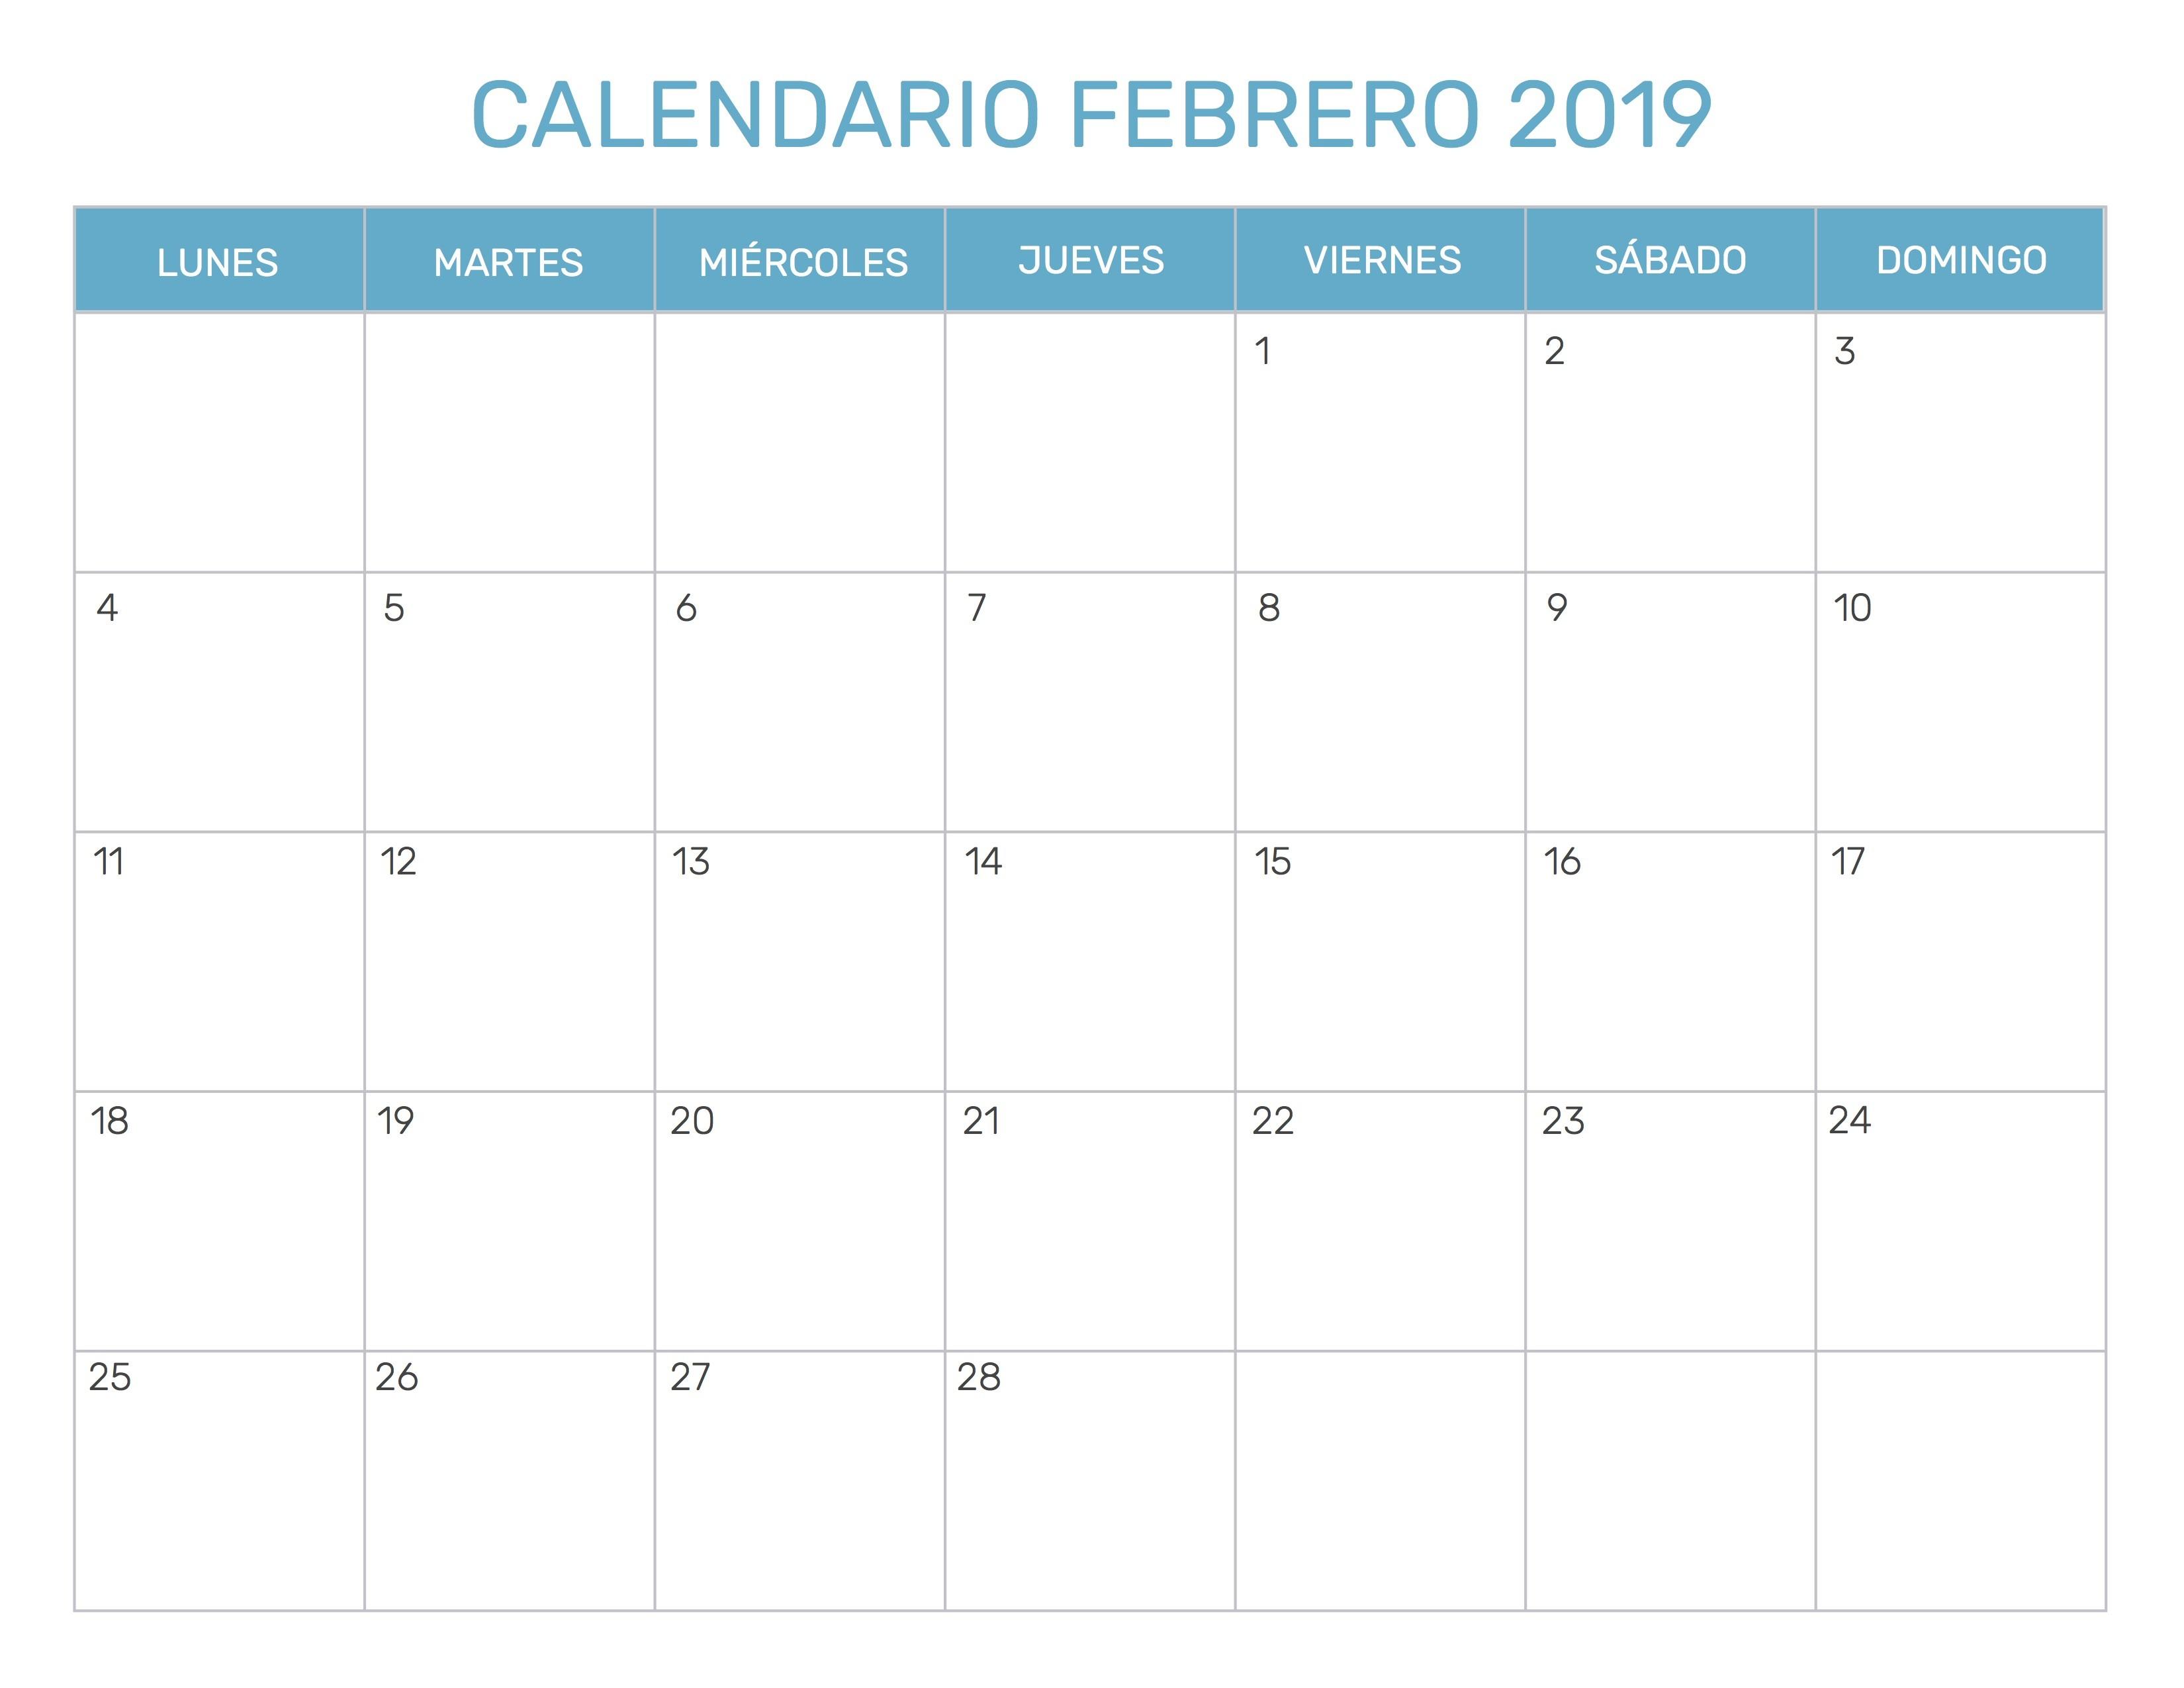 Solo ten en cuenta algunas jornadas o el Da de Andaluca que cae el 28 Descarga z plantillas para personoficar tu mes 30dias de febrero de 2019